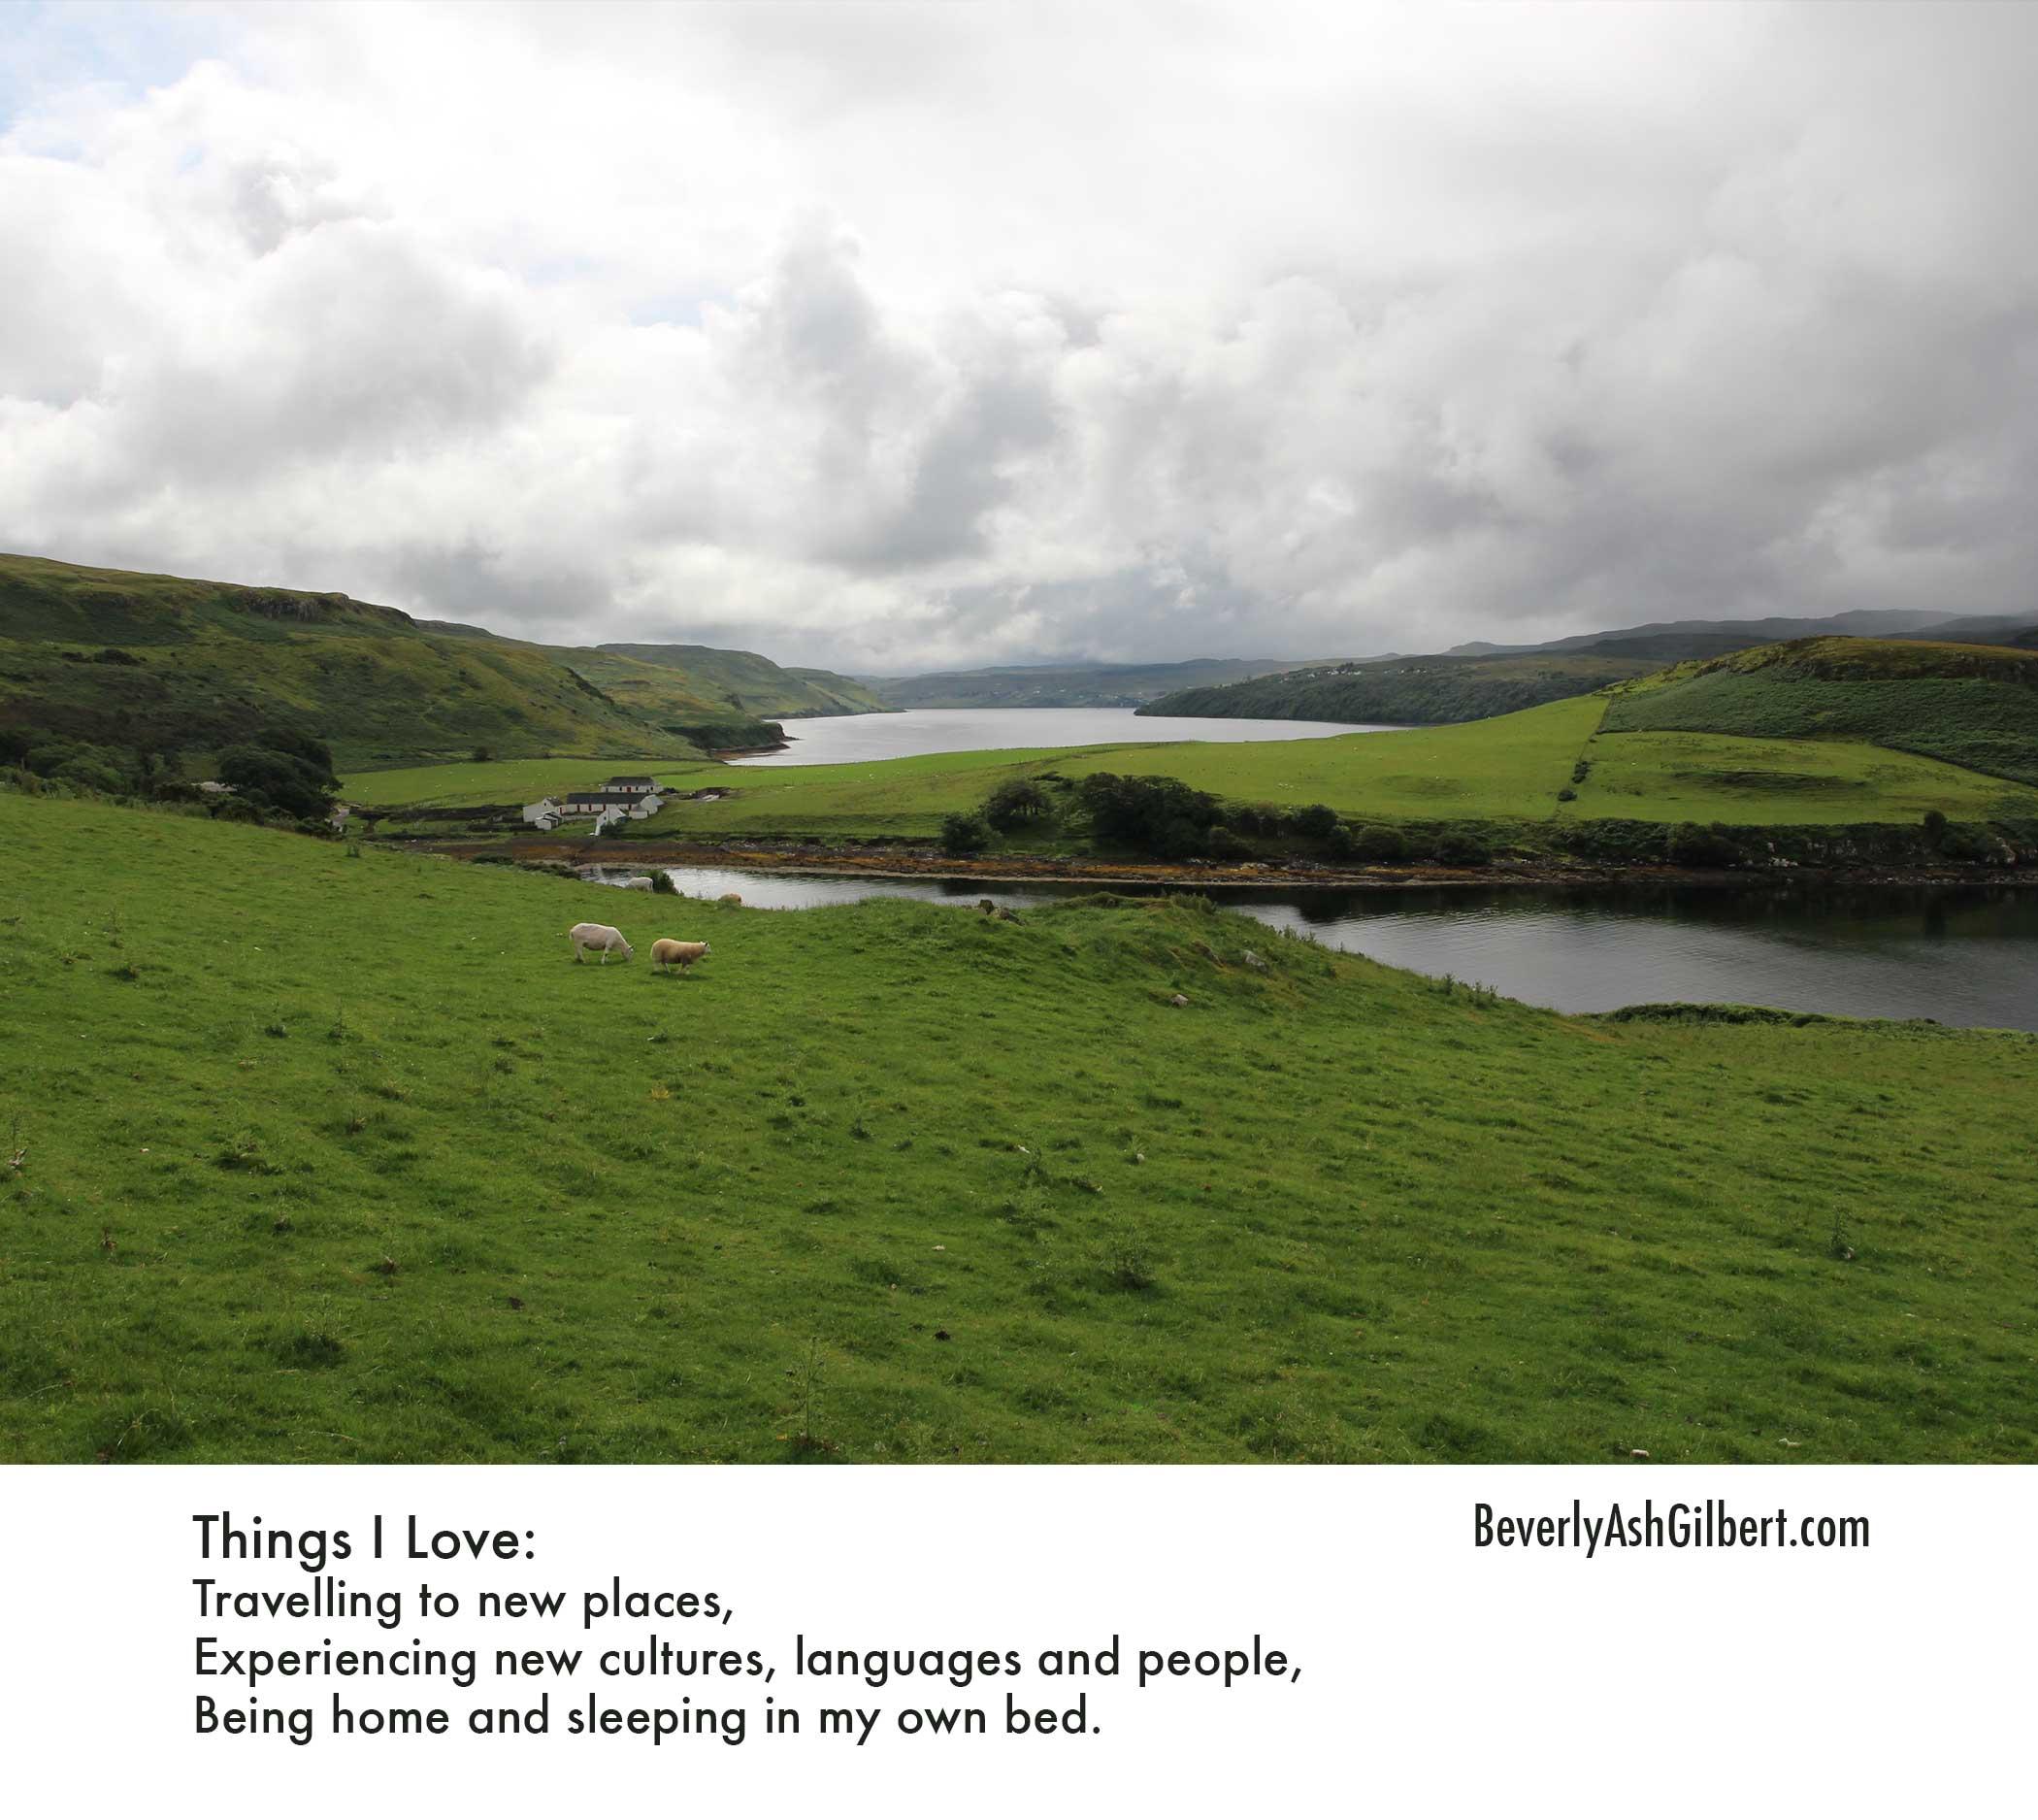 ThingsILove_Travel.jpg